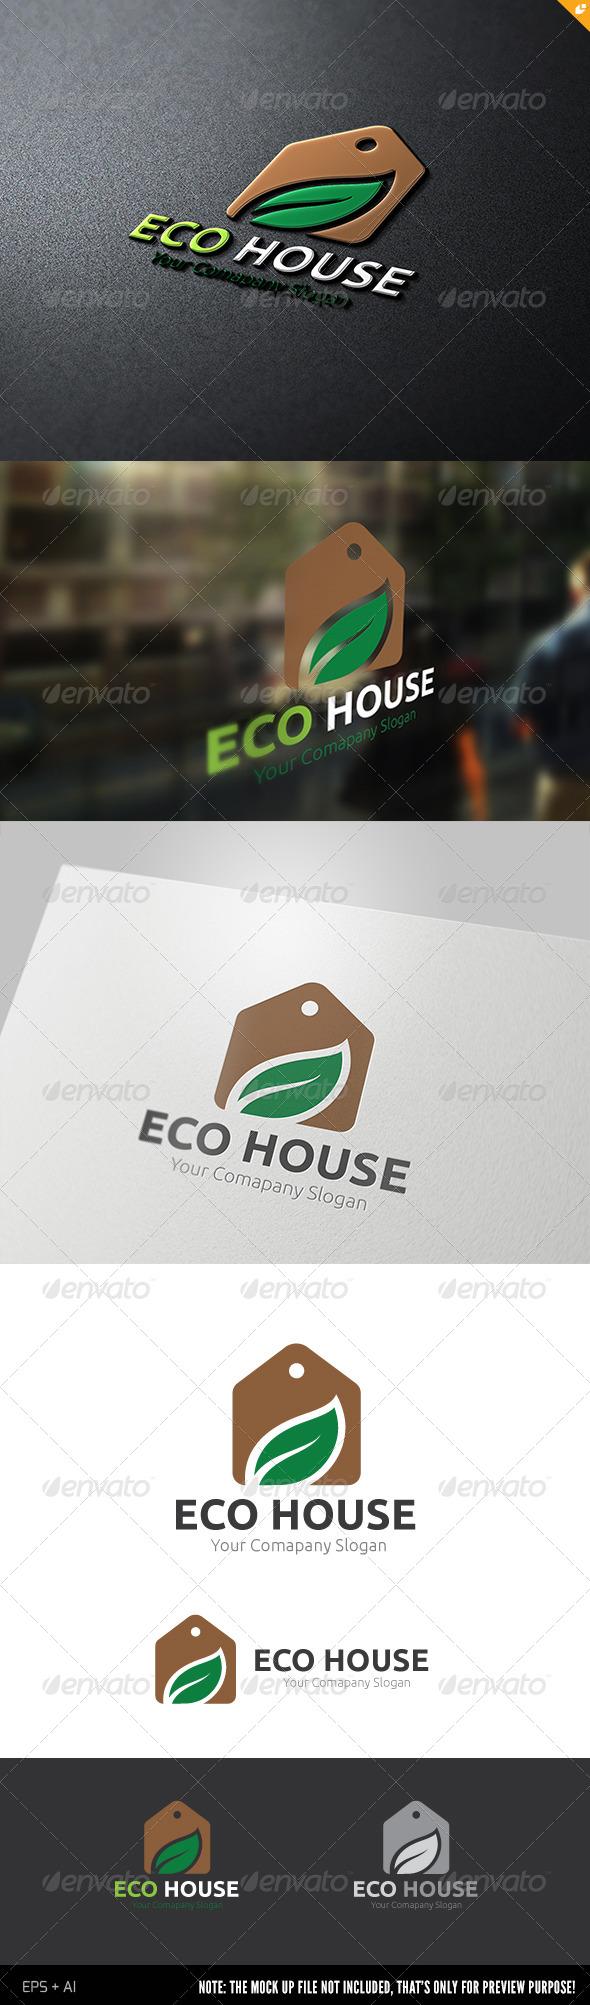 GraphicRiver Eco House 7145731